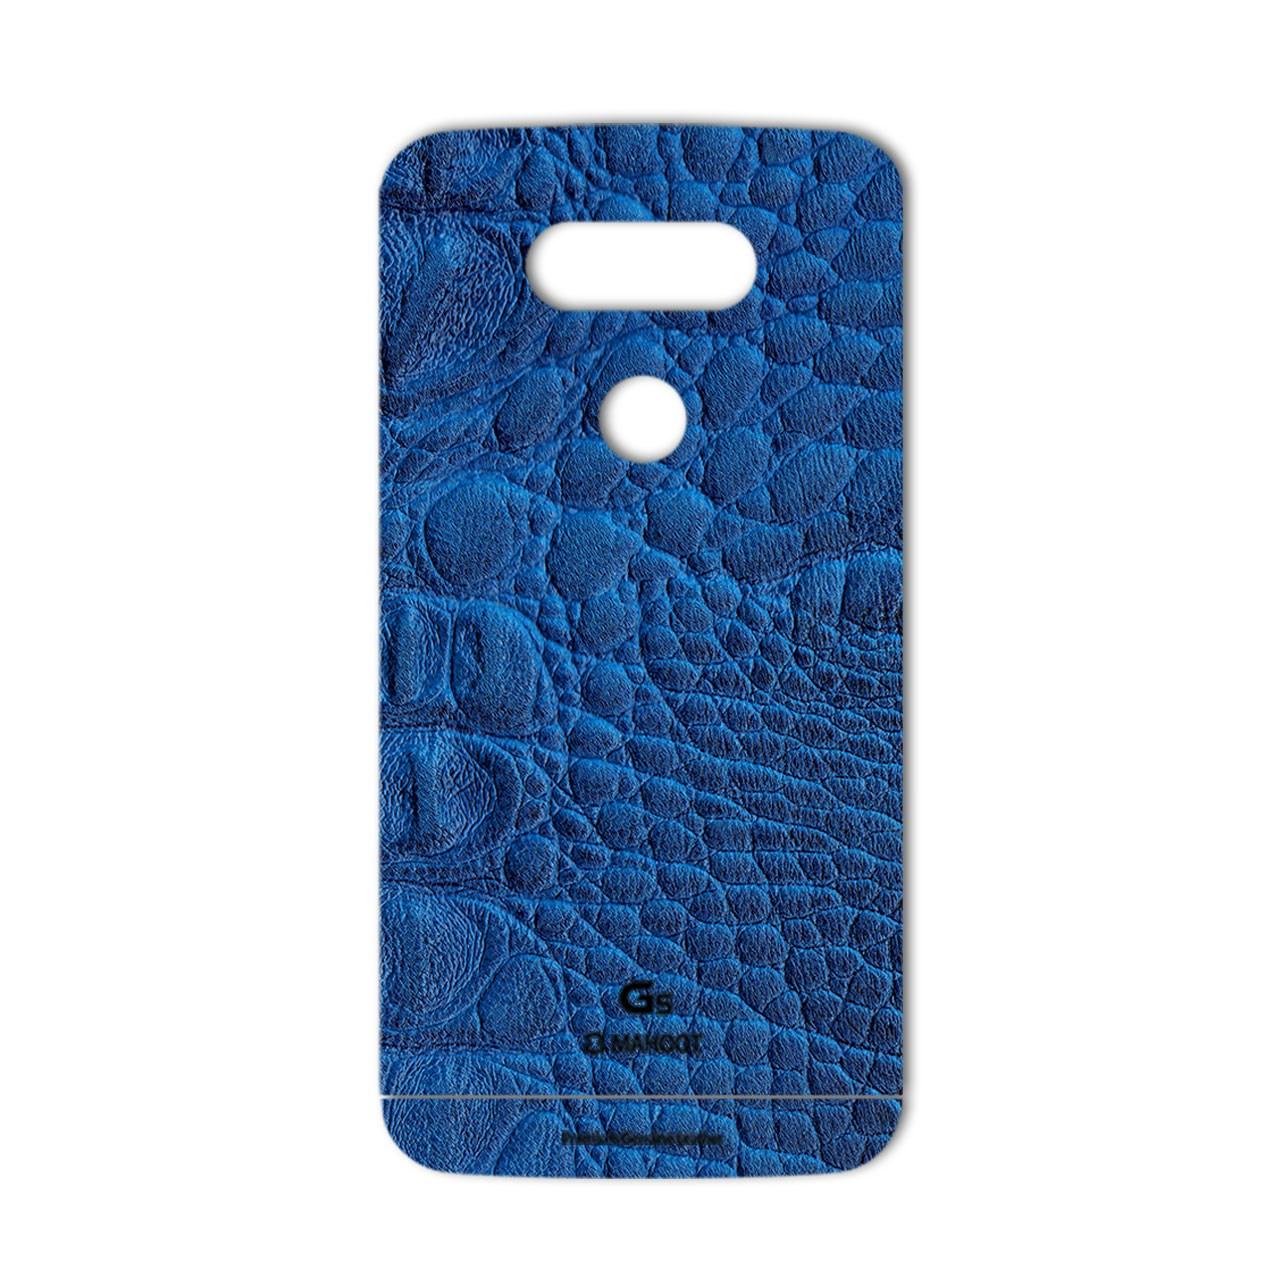 برچسب پوششی ماهوت مدل Crocodile Leather مناسب برای گوشی  LG G5